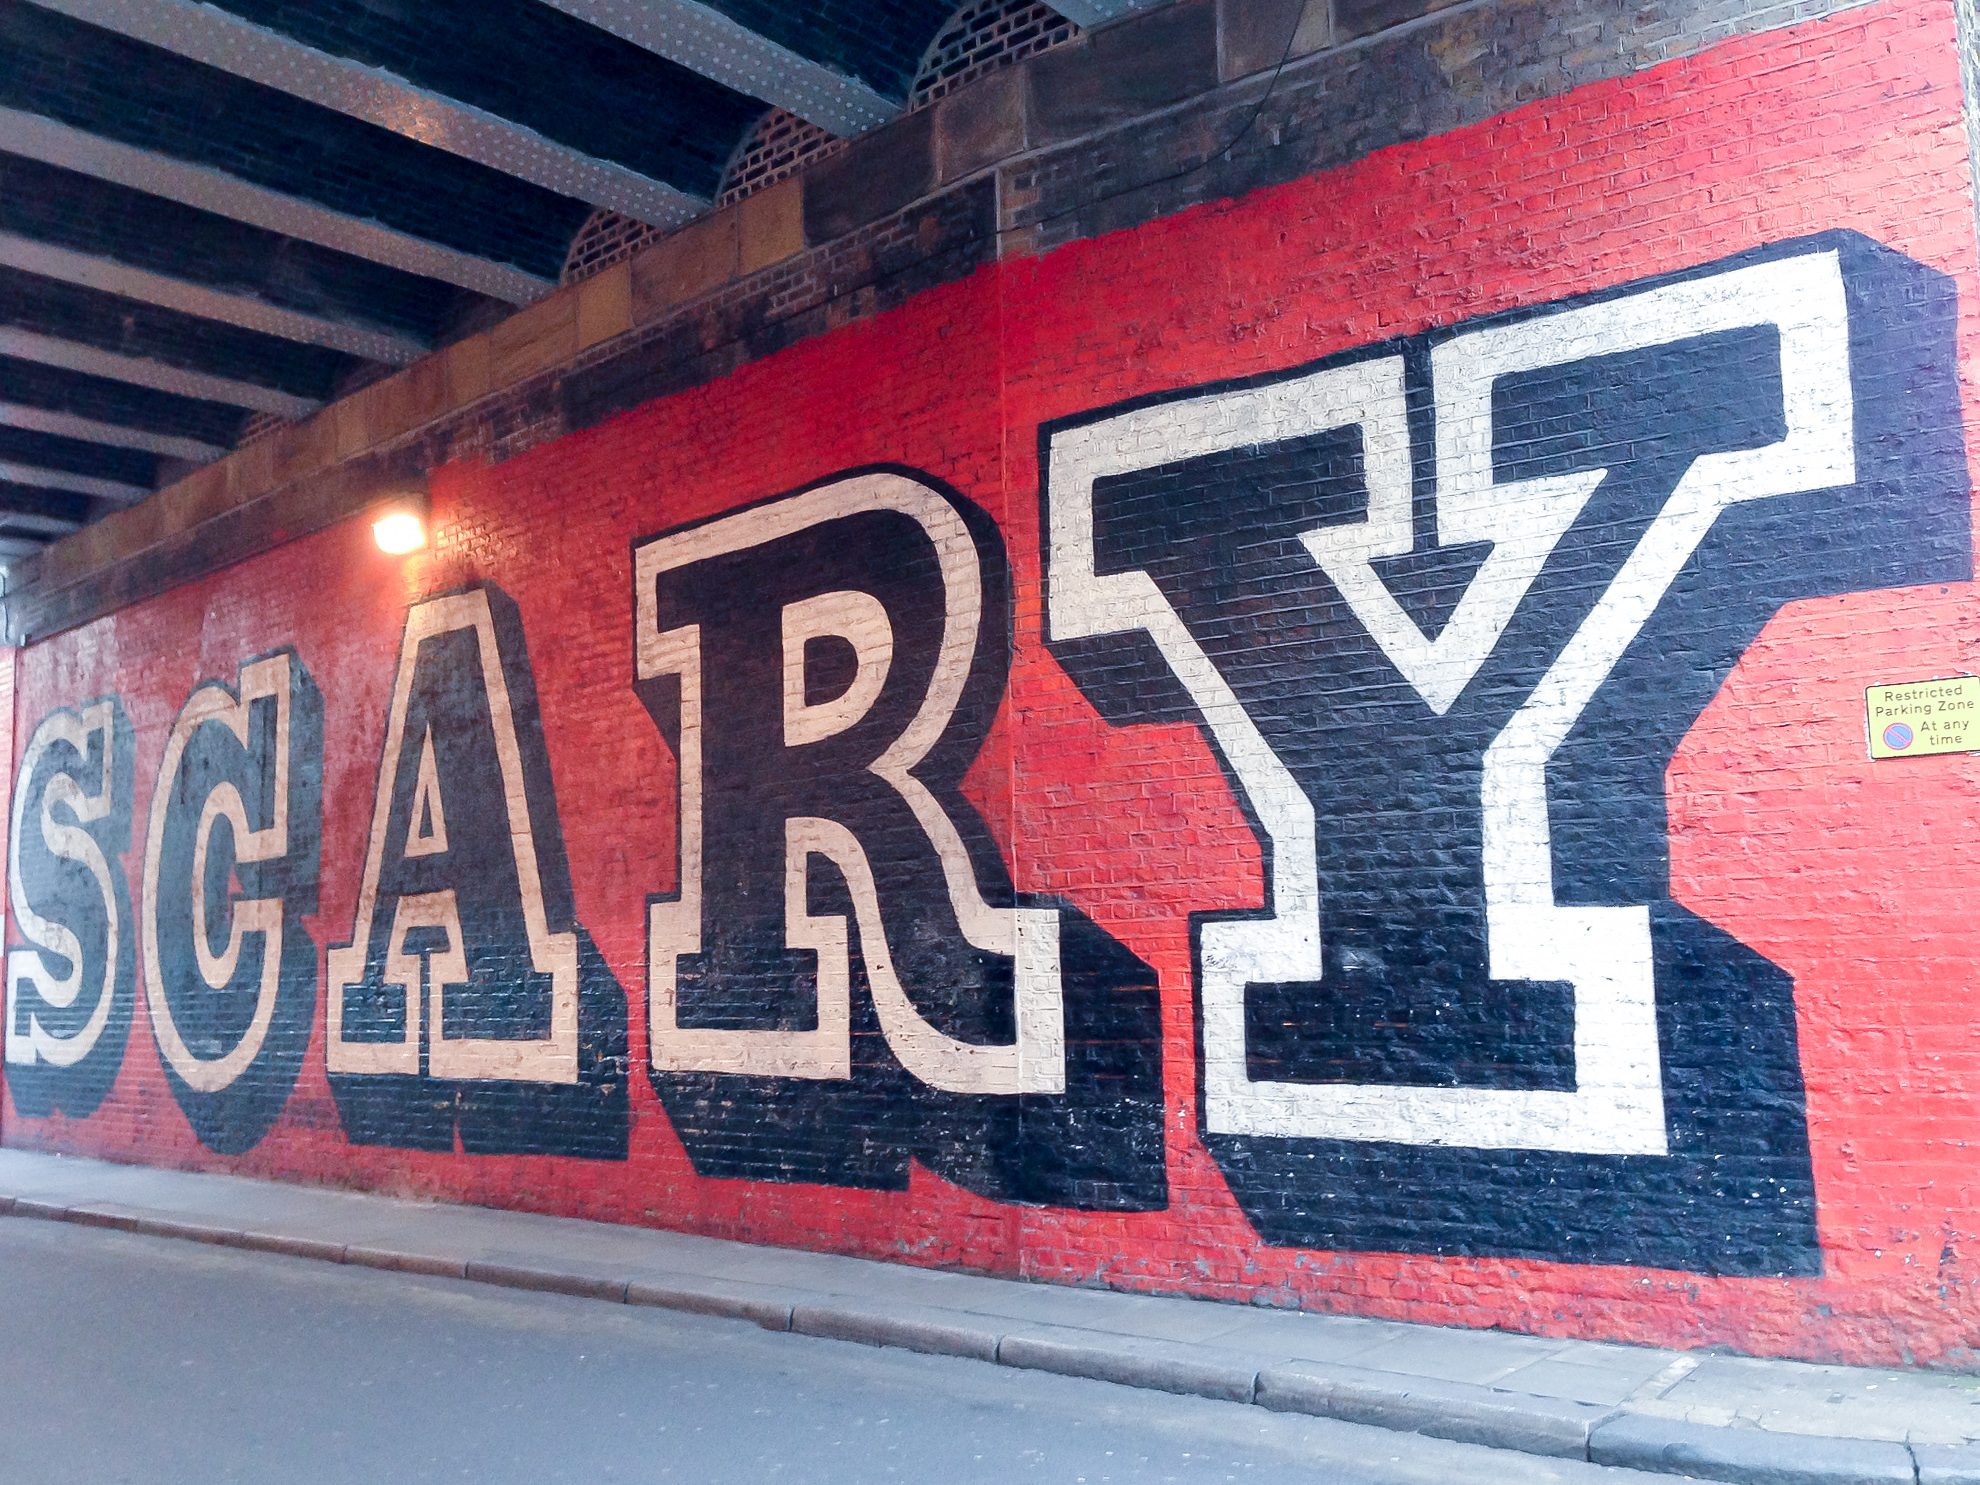 Ben Eine Scary mural in London.